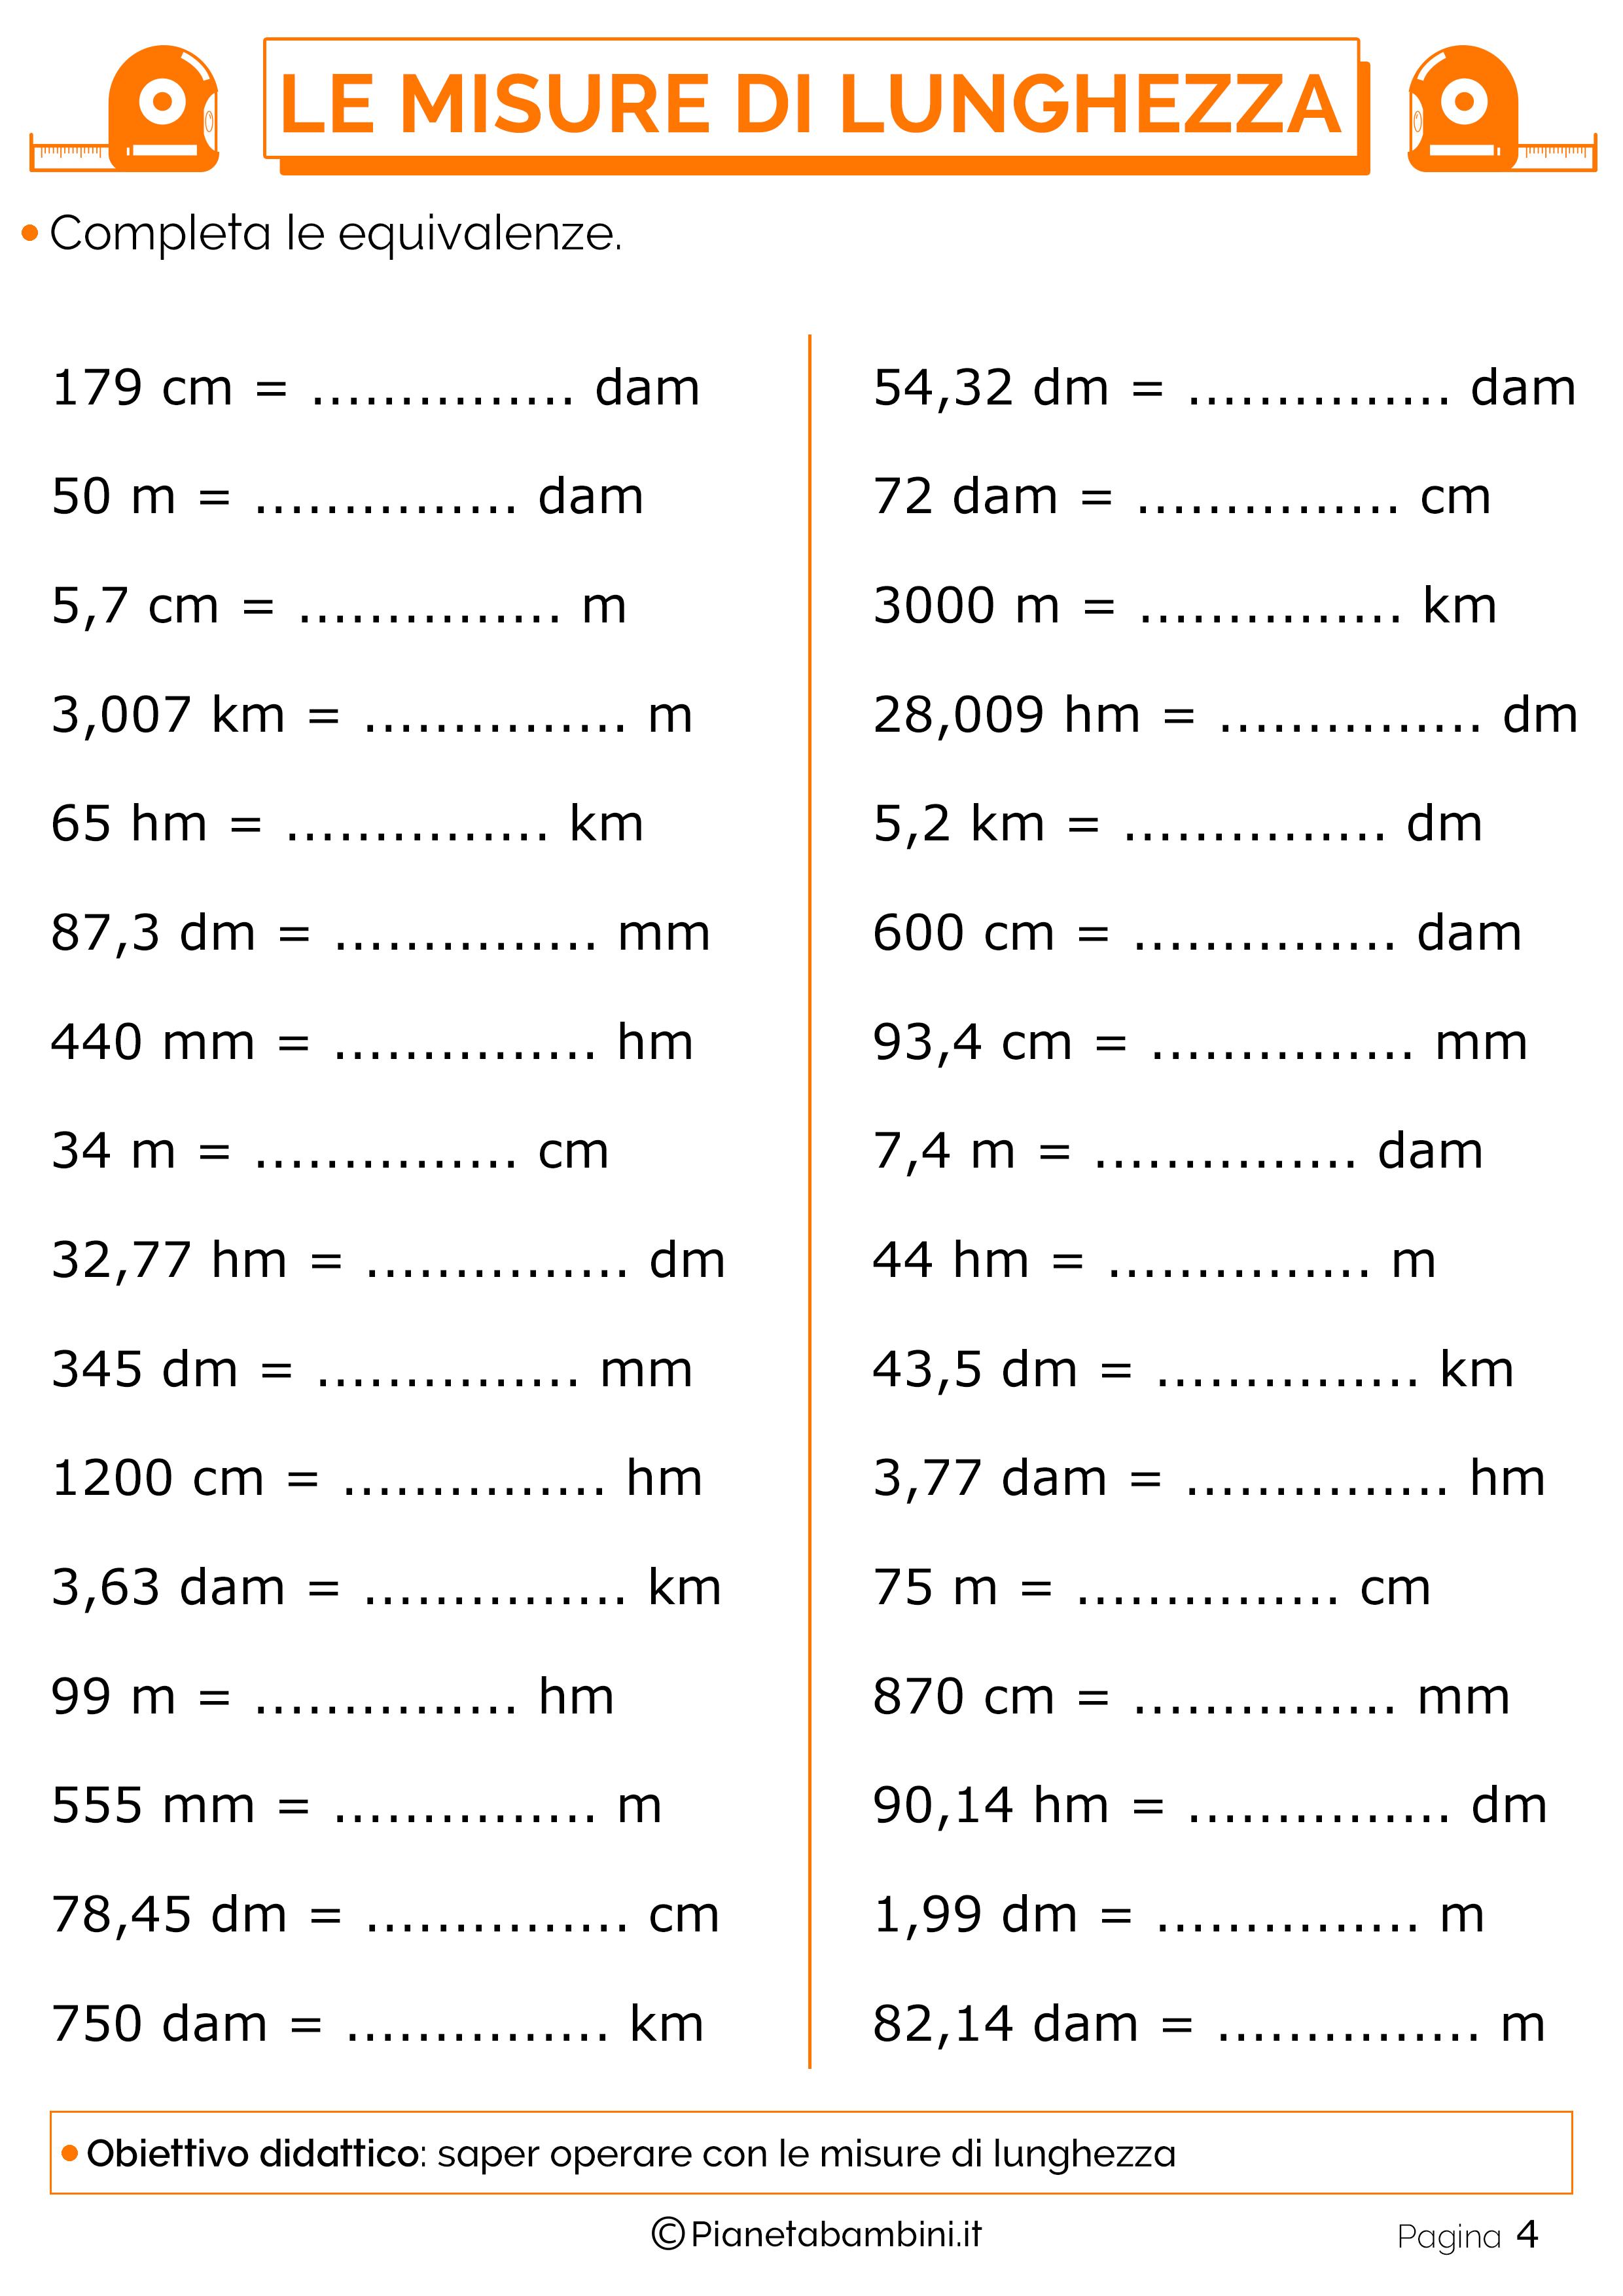 Esercizi-Equivalenze-Misure-Lunghezza-2